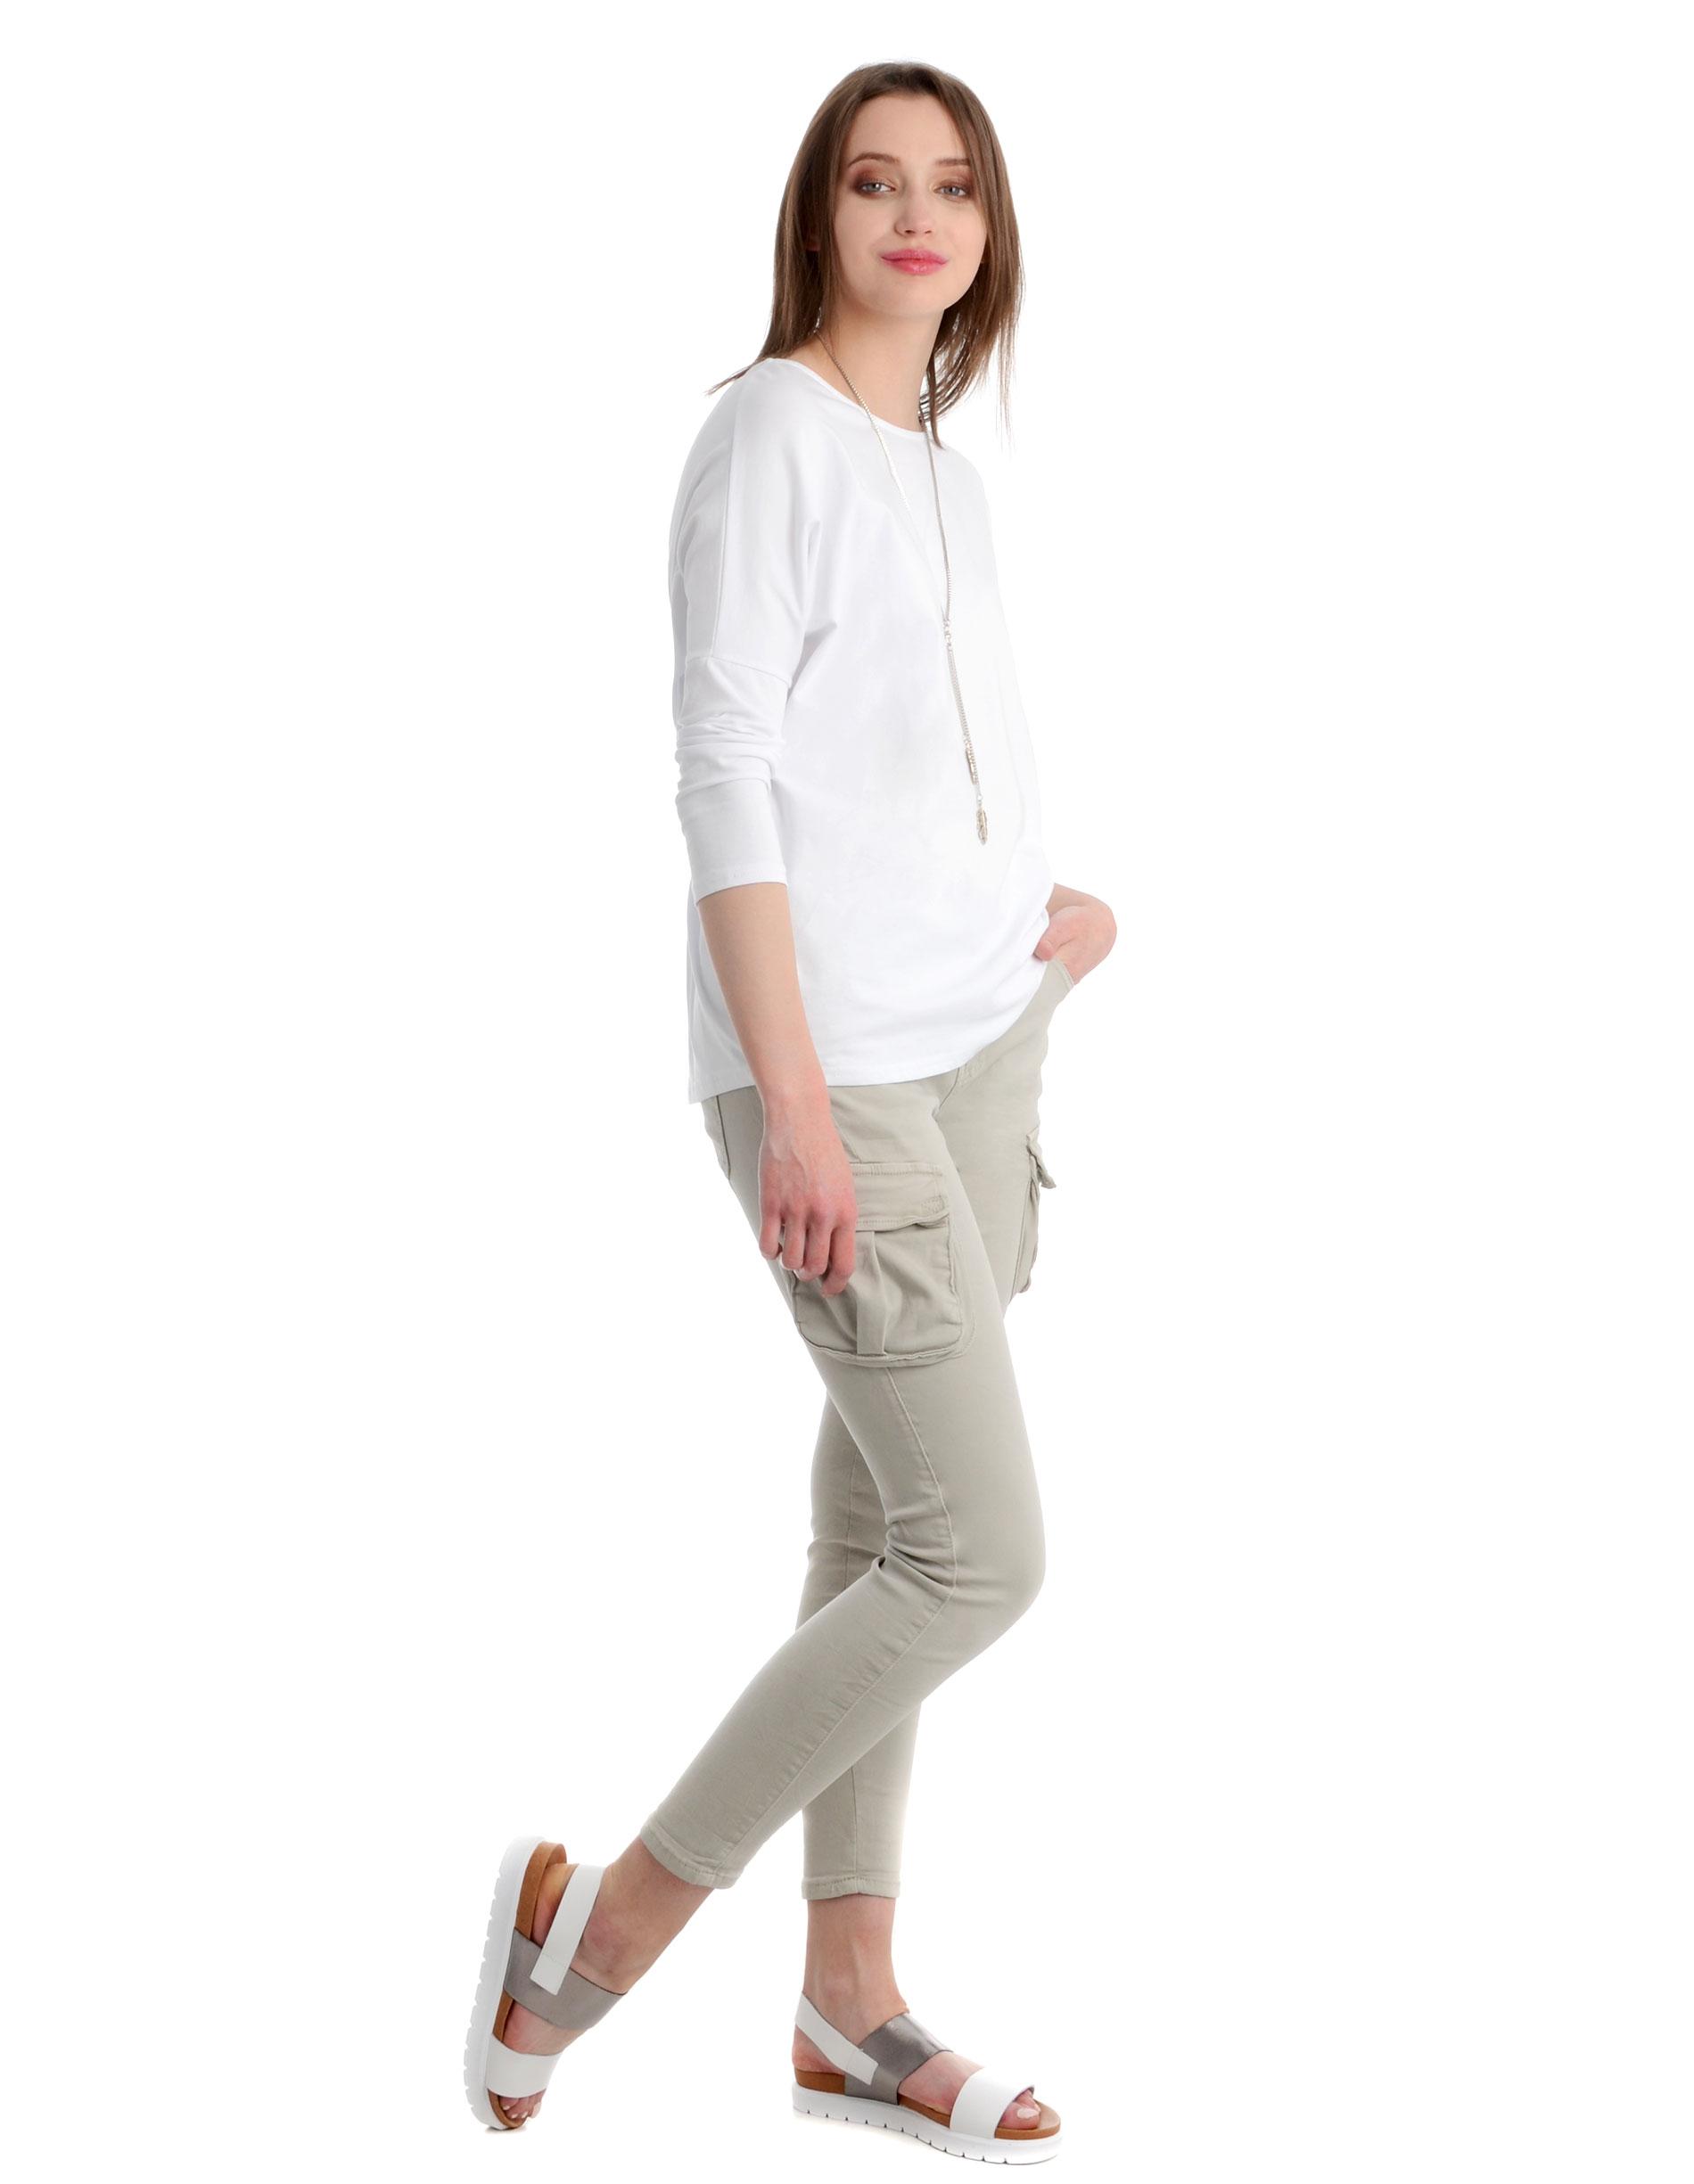 Spodnie - 42-6051 BEIGE - Unisono